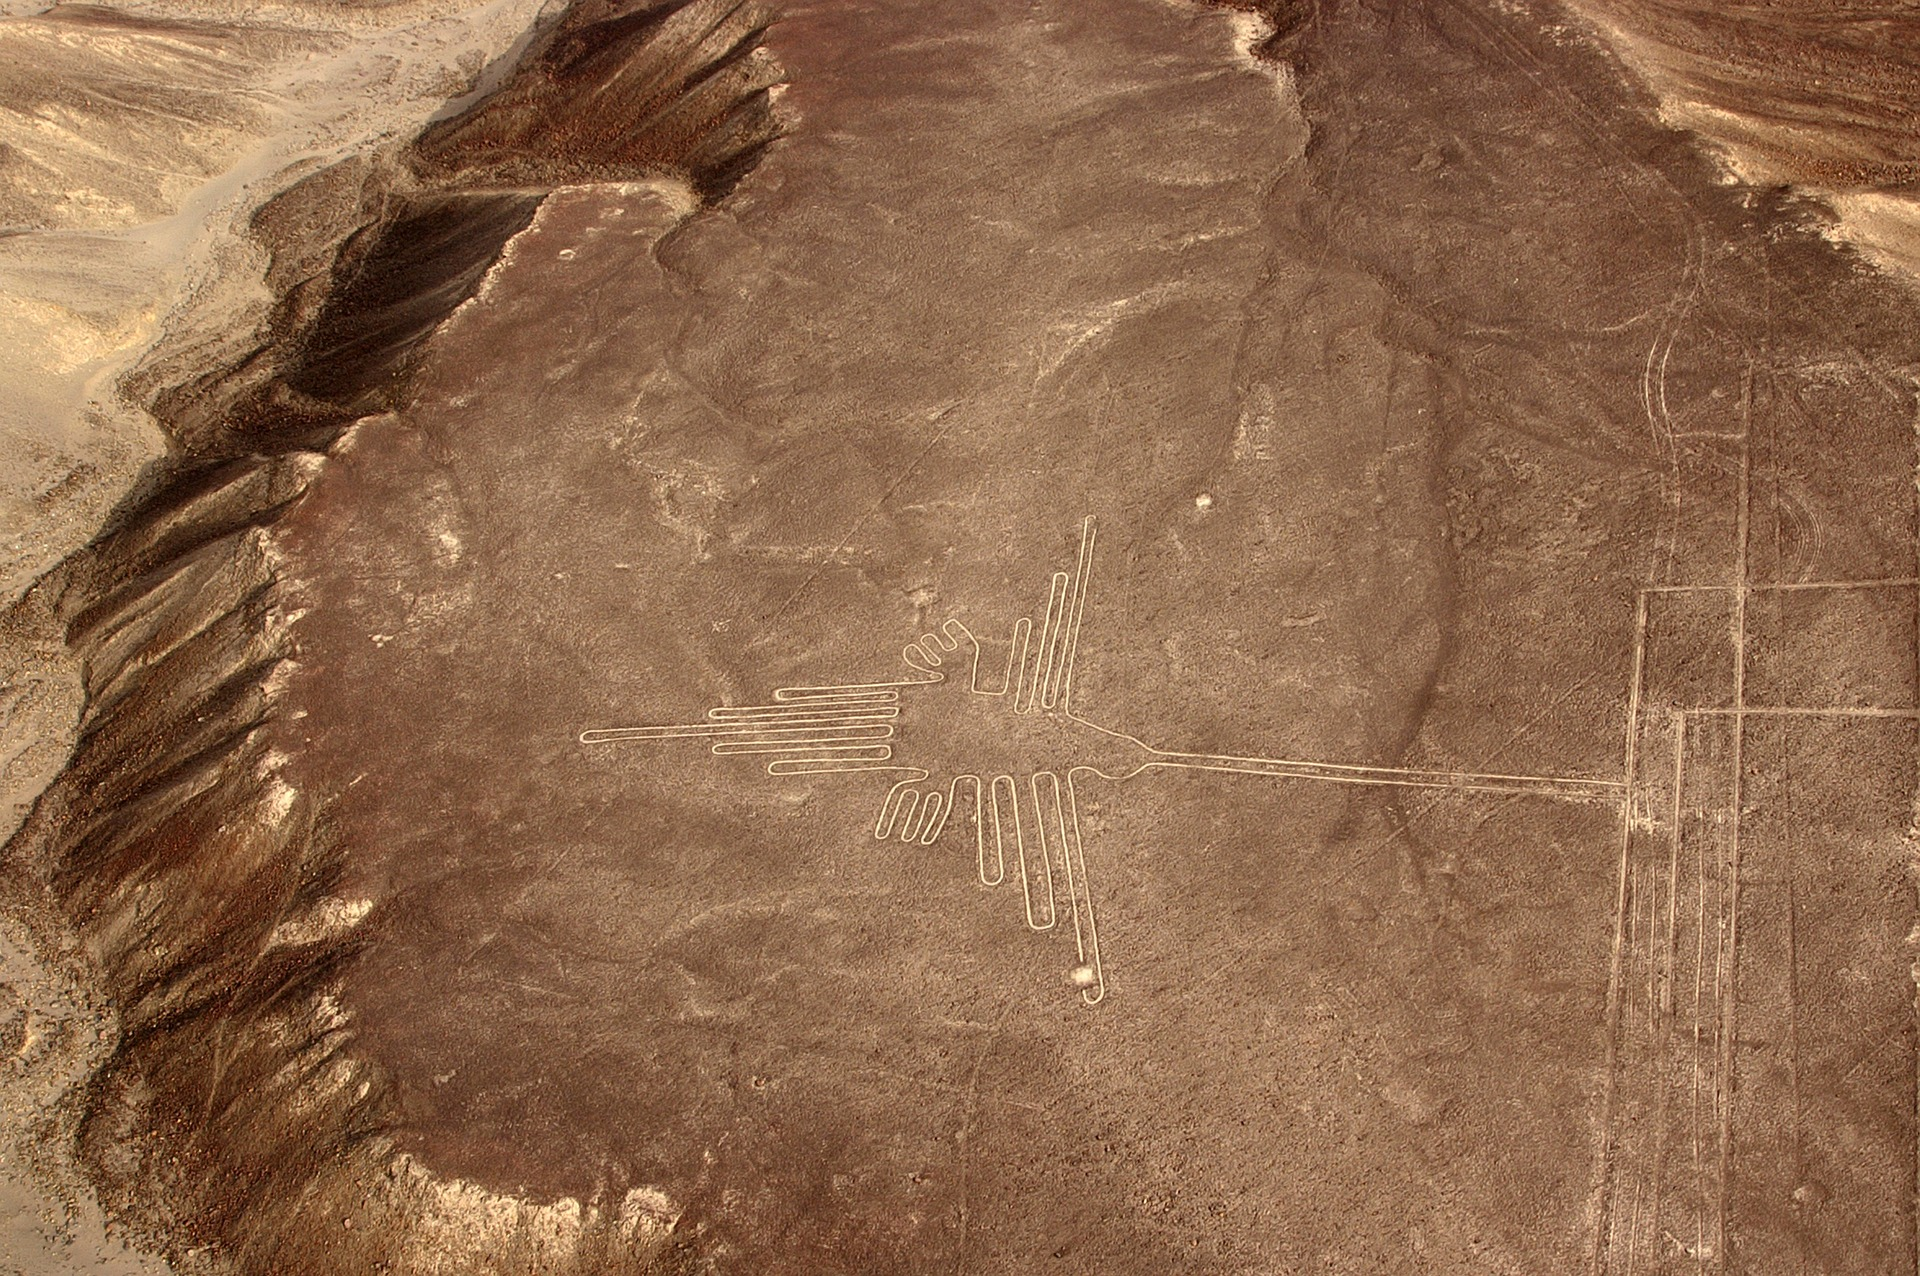 Ein Flug über die rätselhaften Linien von Nazca